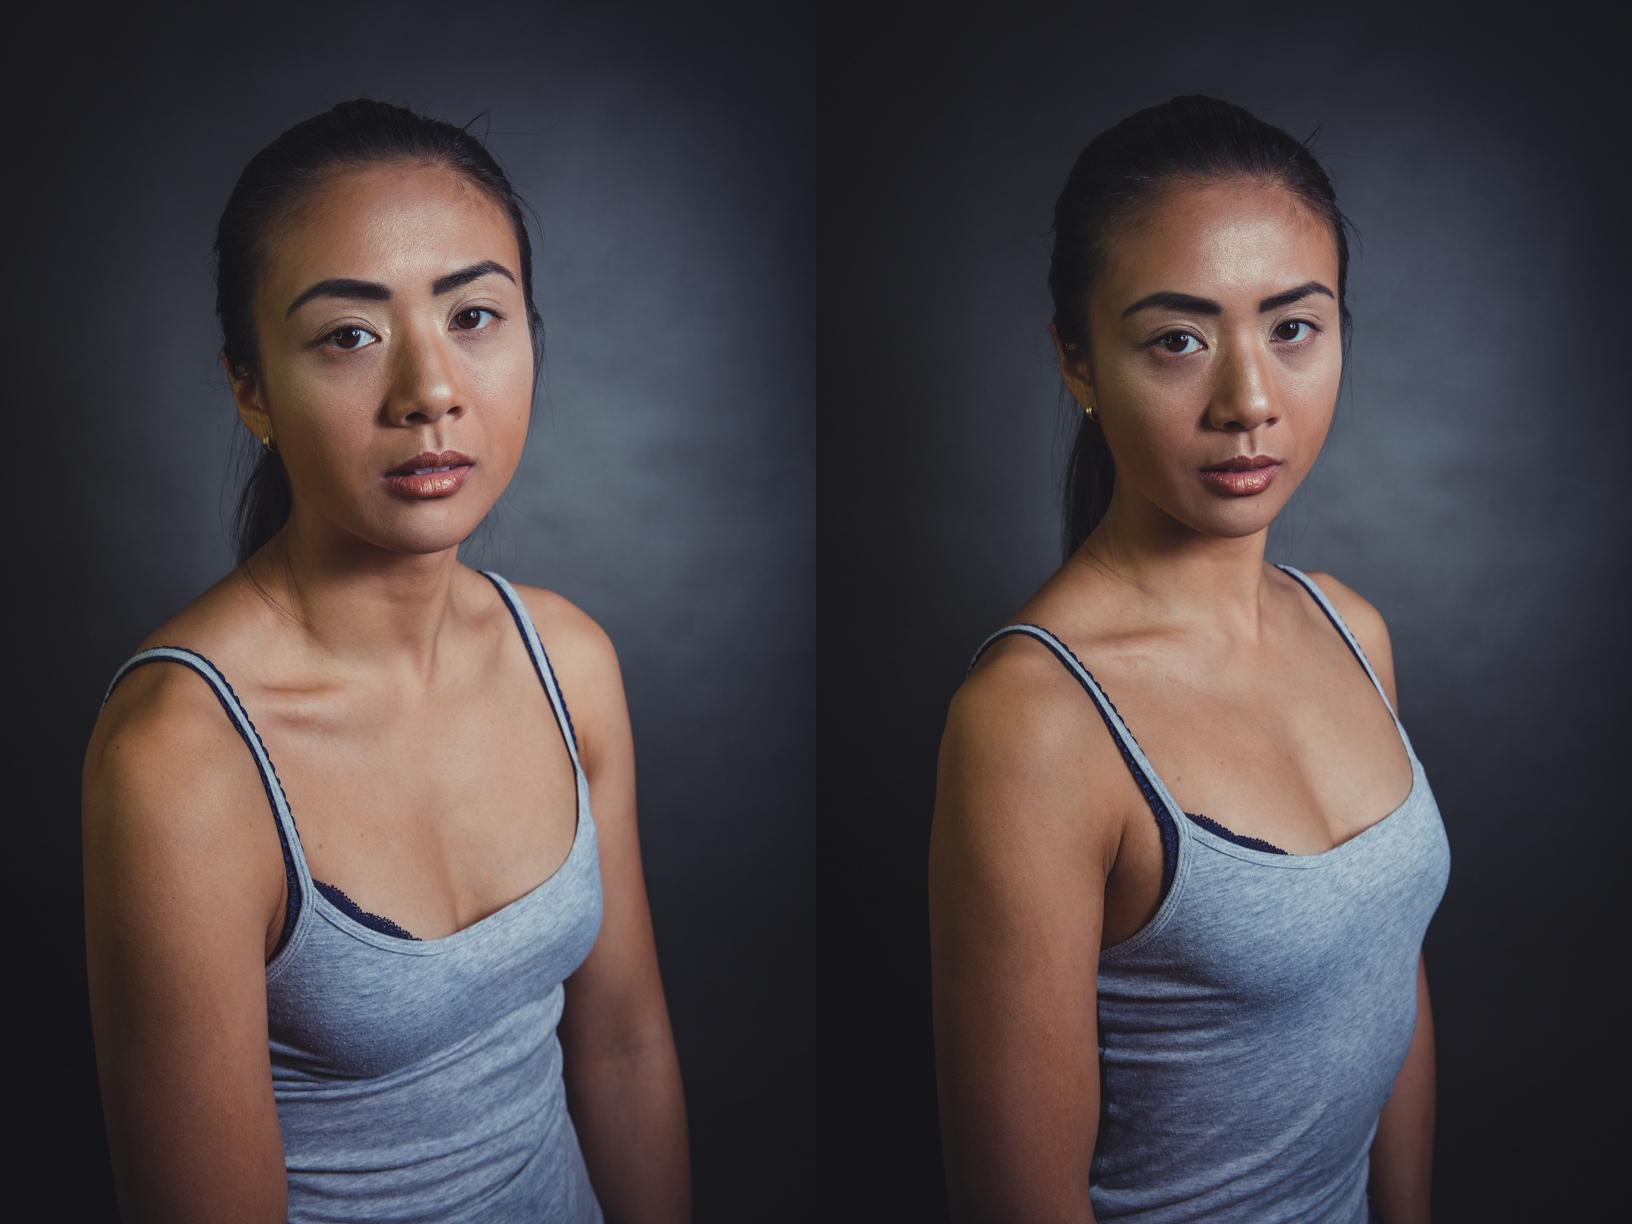 Frau breite schultern Figurtypen bei